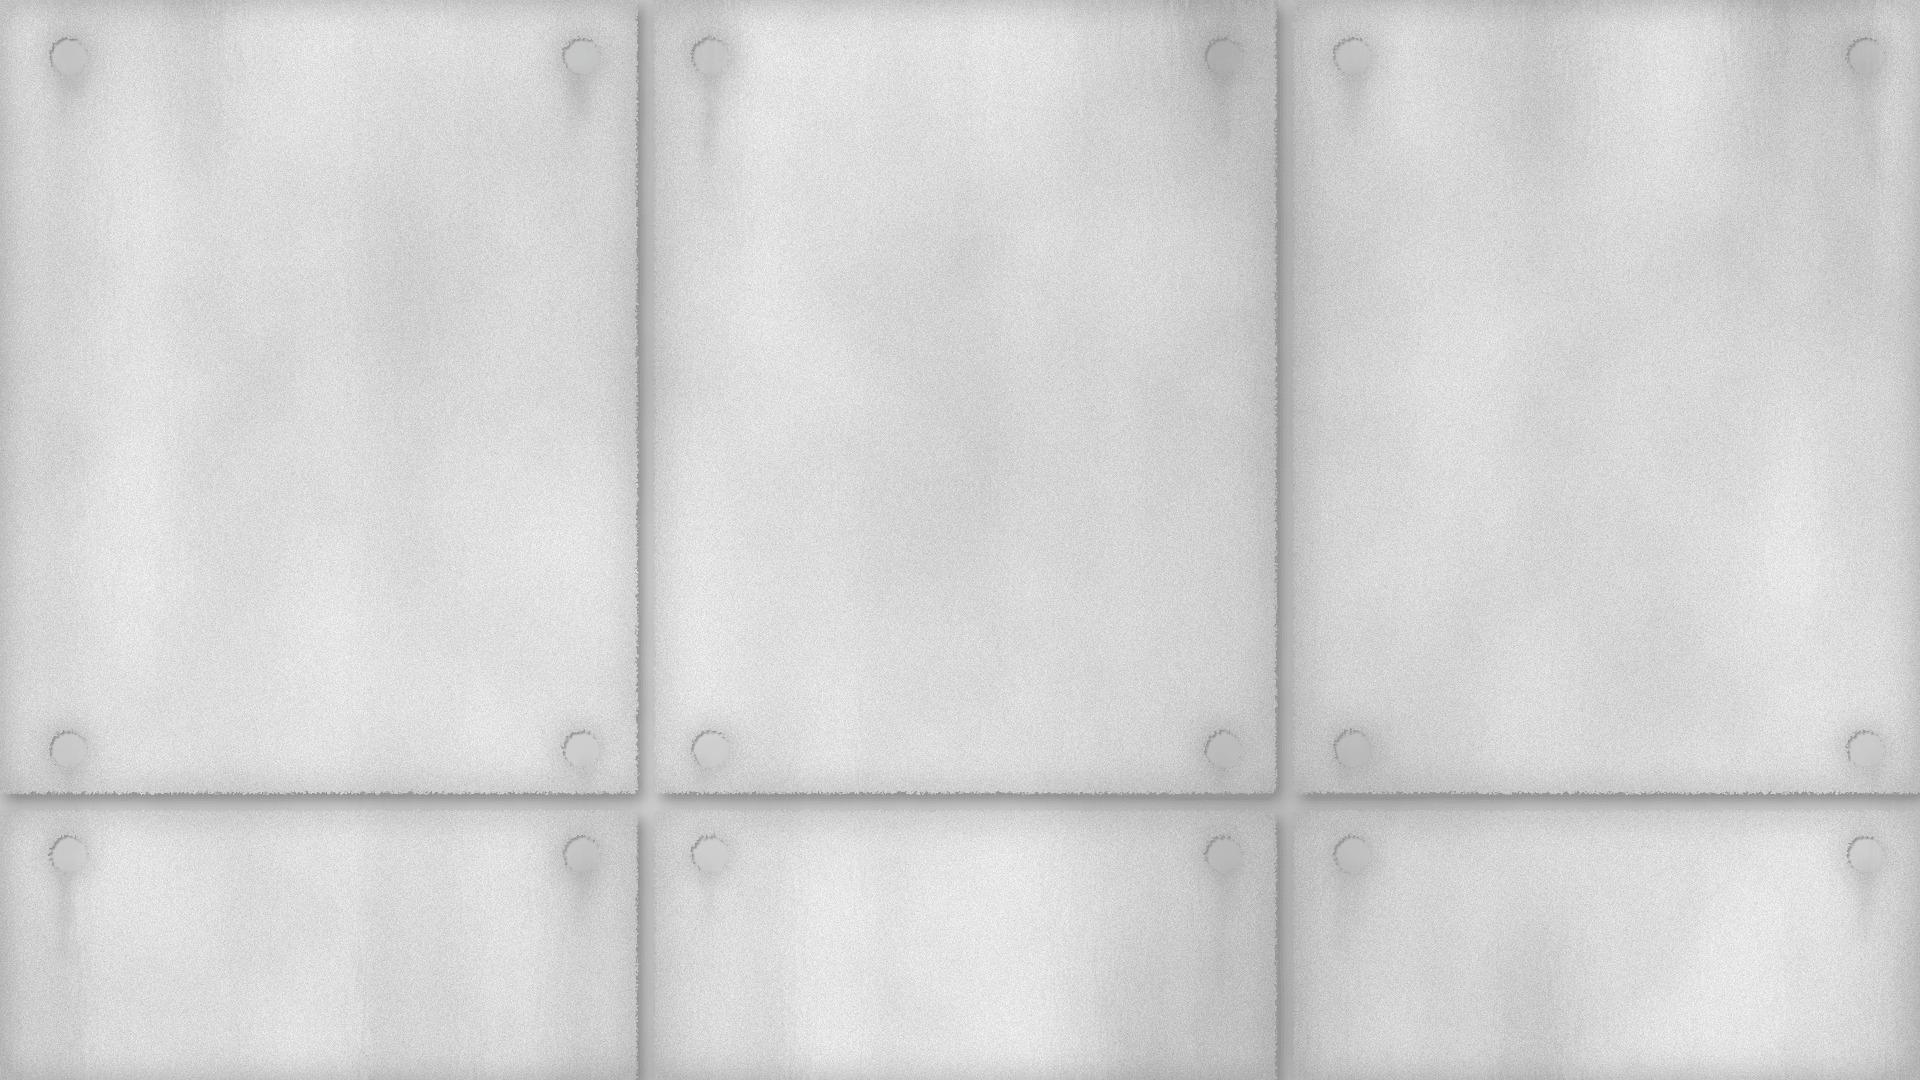 コンクリートの打ちっぱなし壁 壁紙背景画像3